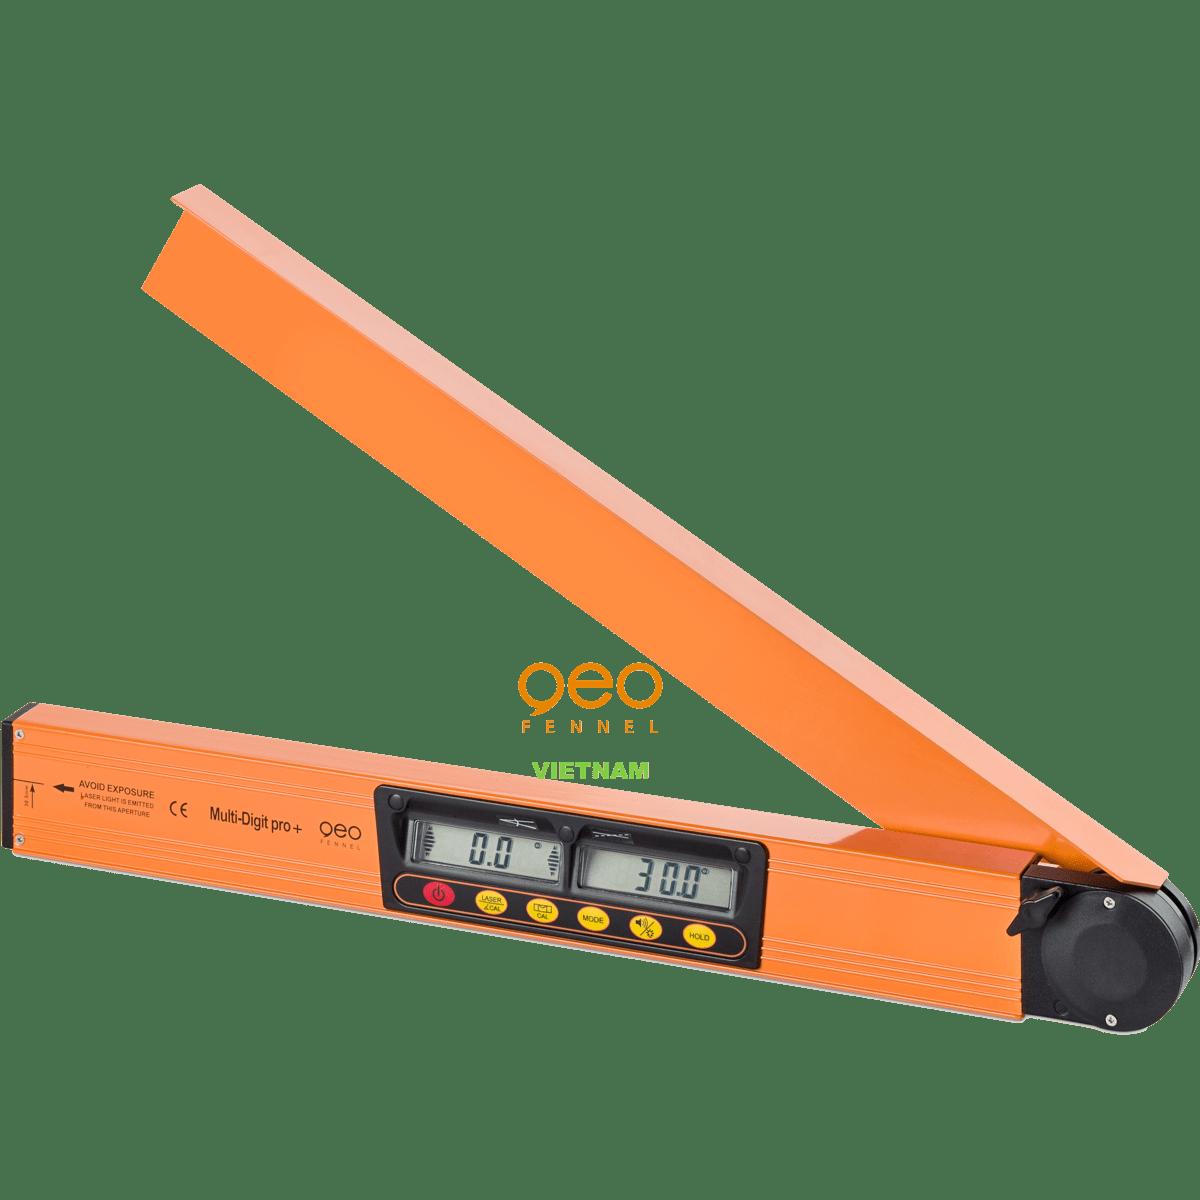 Máy đo độ nghiêng Multi-Digit Pro+ | GEO-Fennel Vietnam.